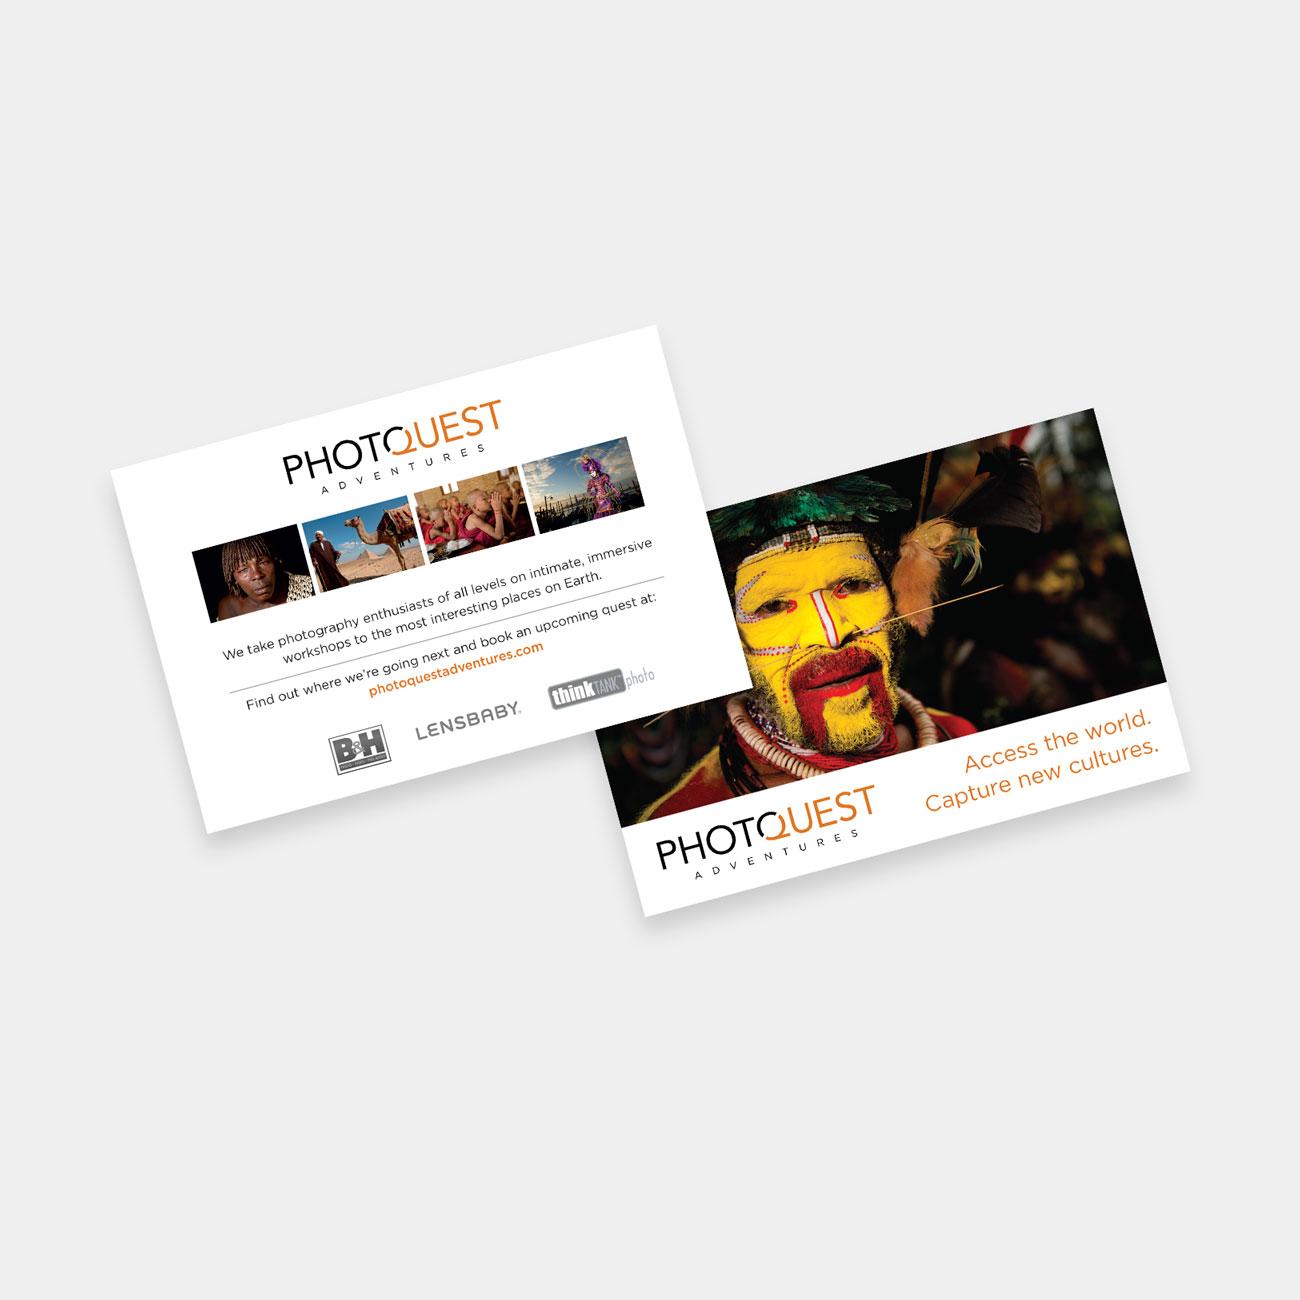 PhotoQuest promo card